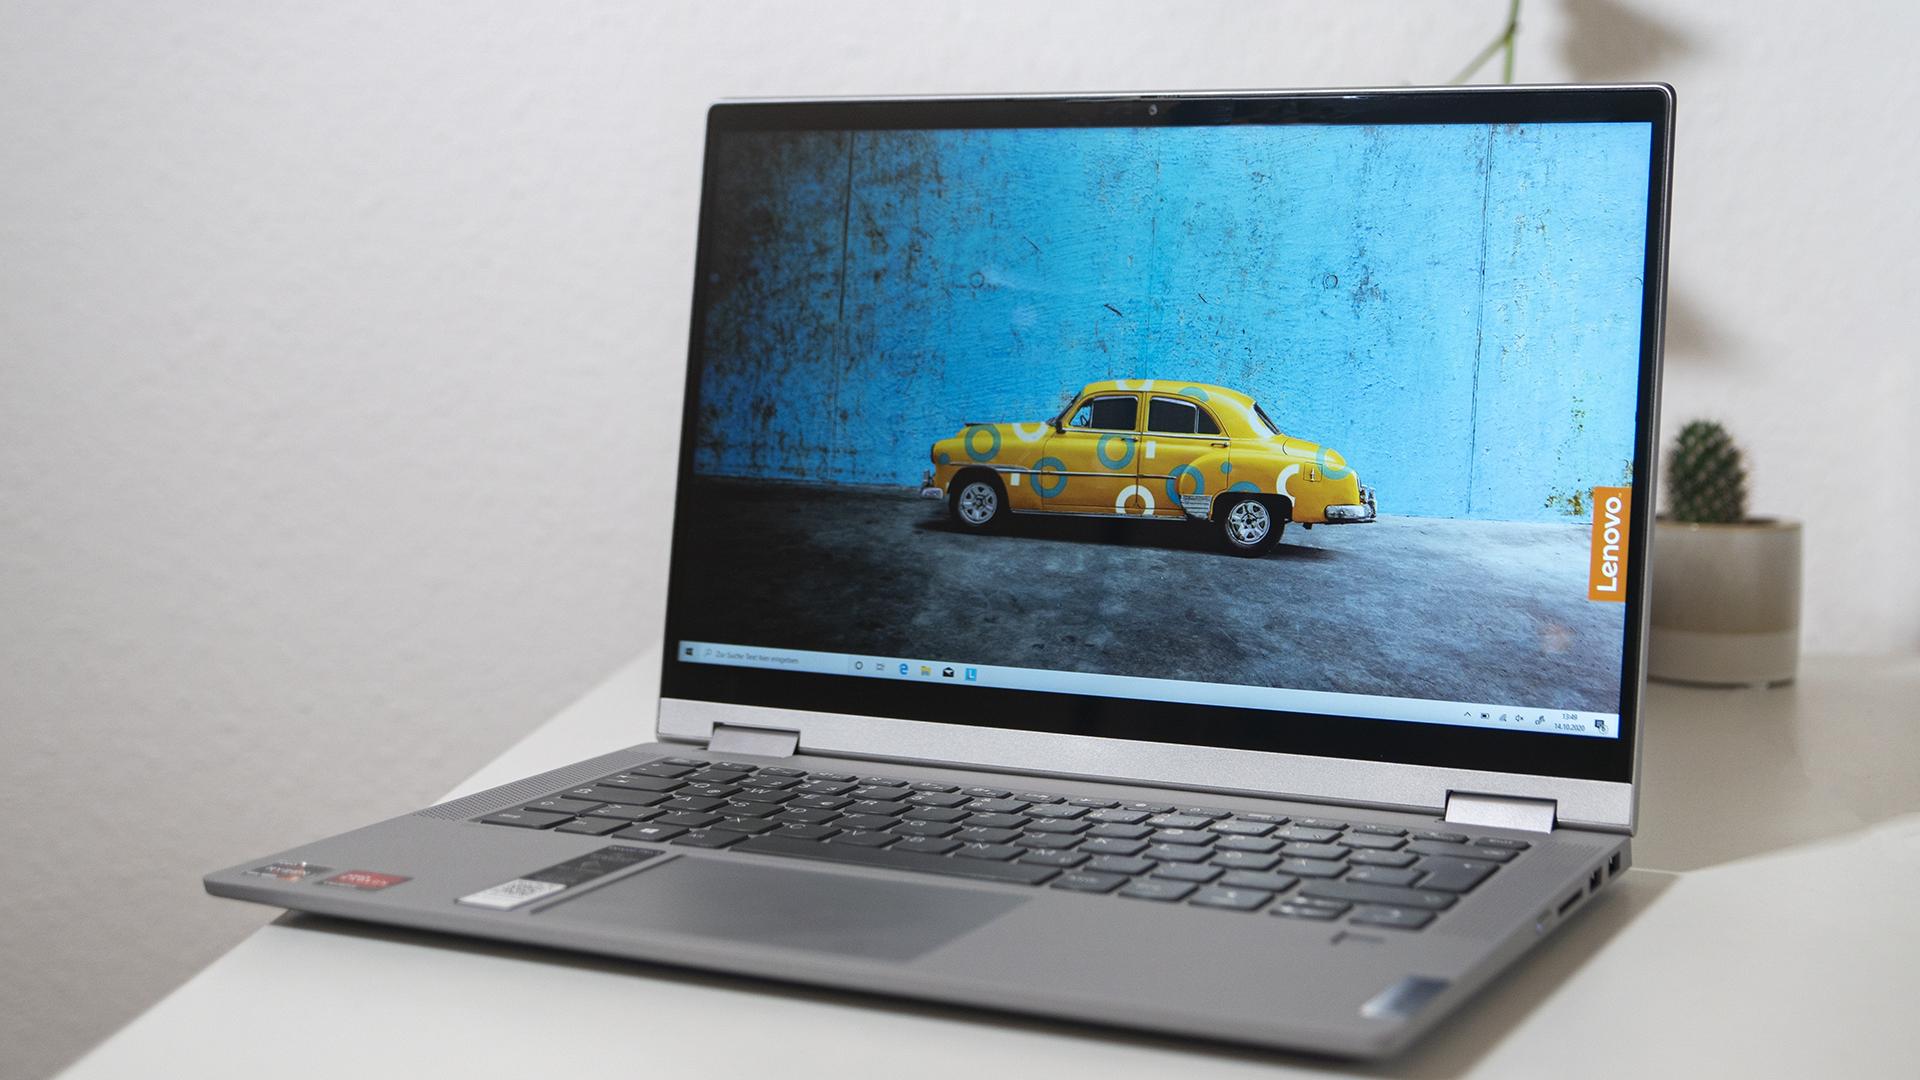 Lenovo IdeaPad Flex 5 Totale Zwischenbild